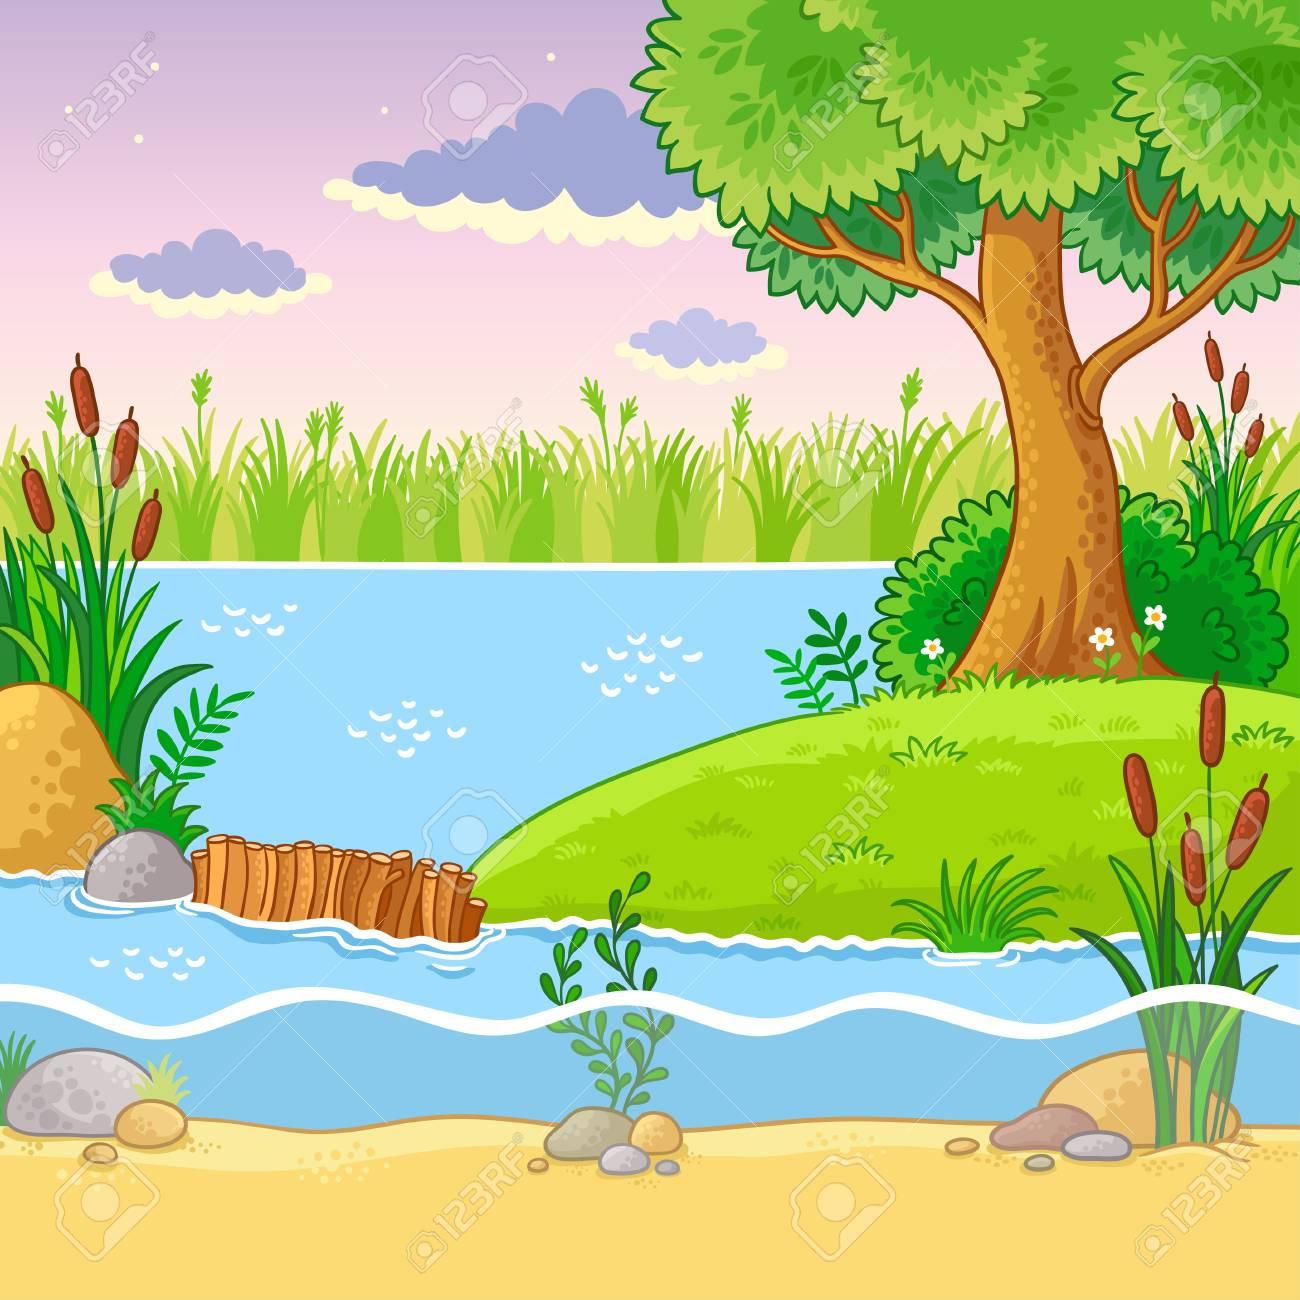 ビーバーのダムのベクター イラストです漫画のスタイルの自然